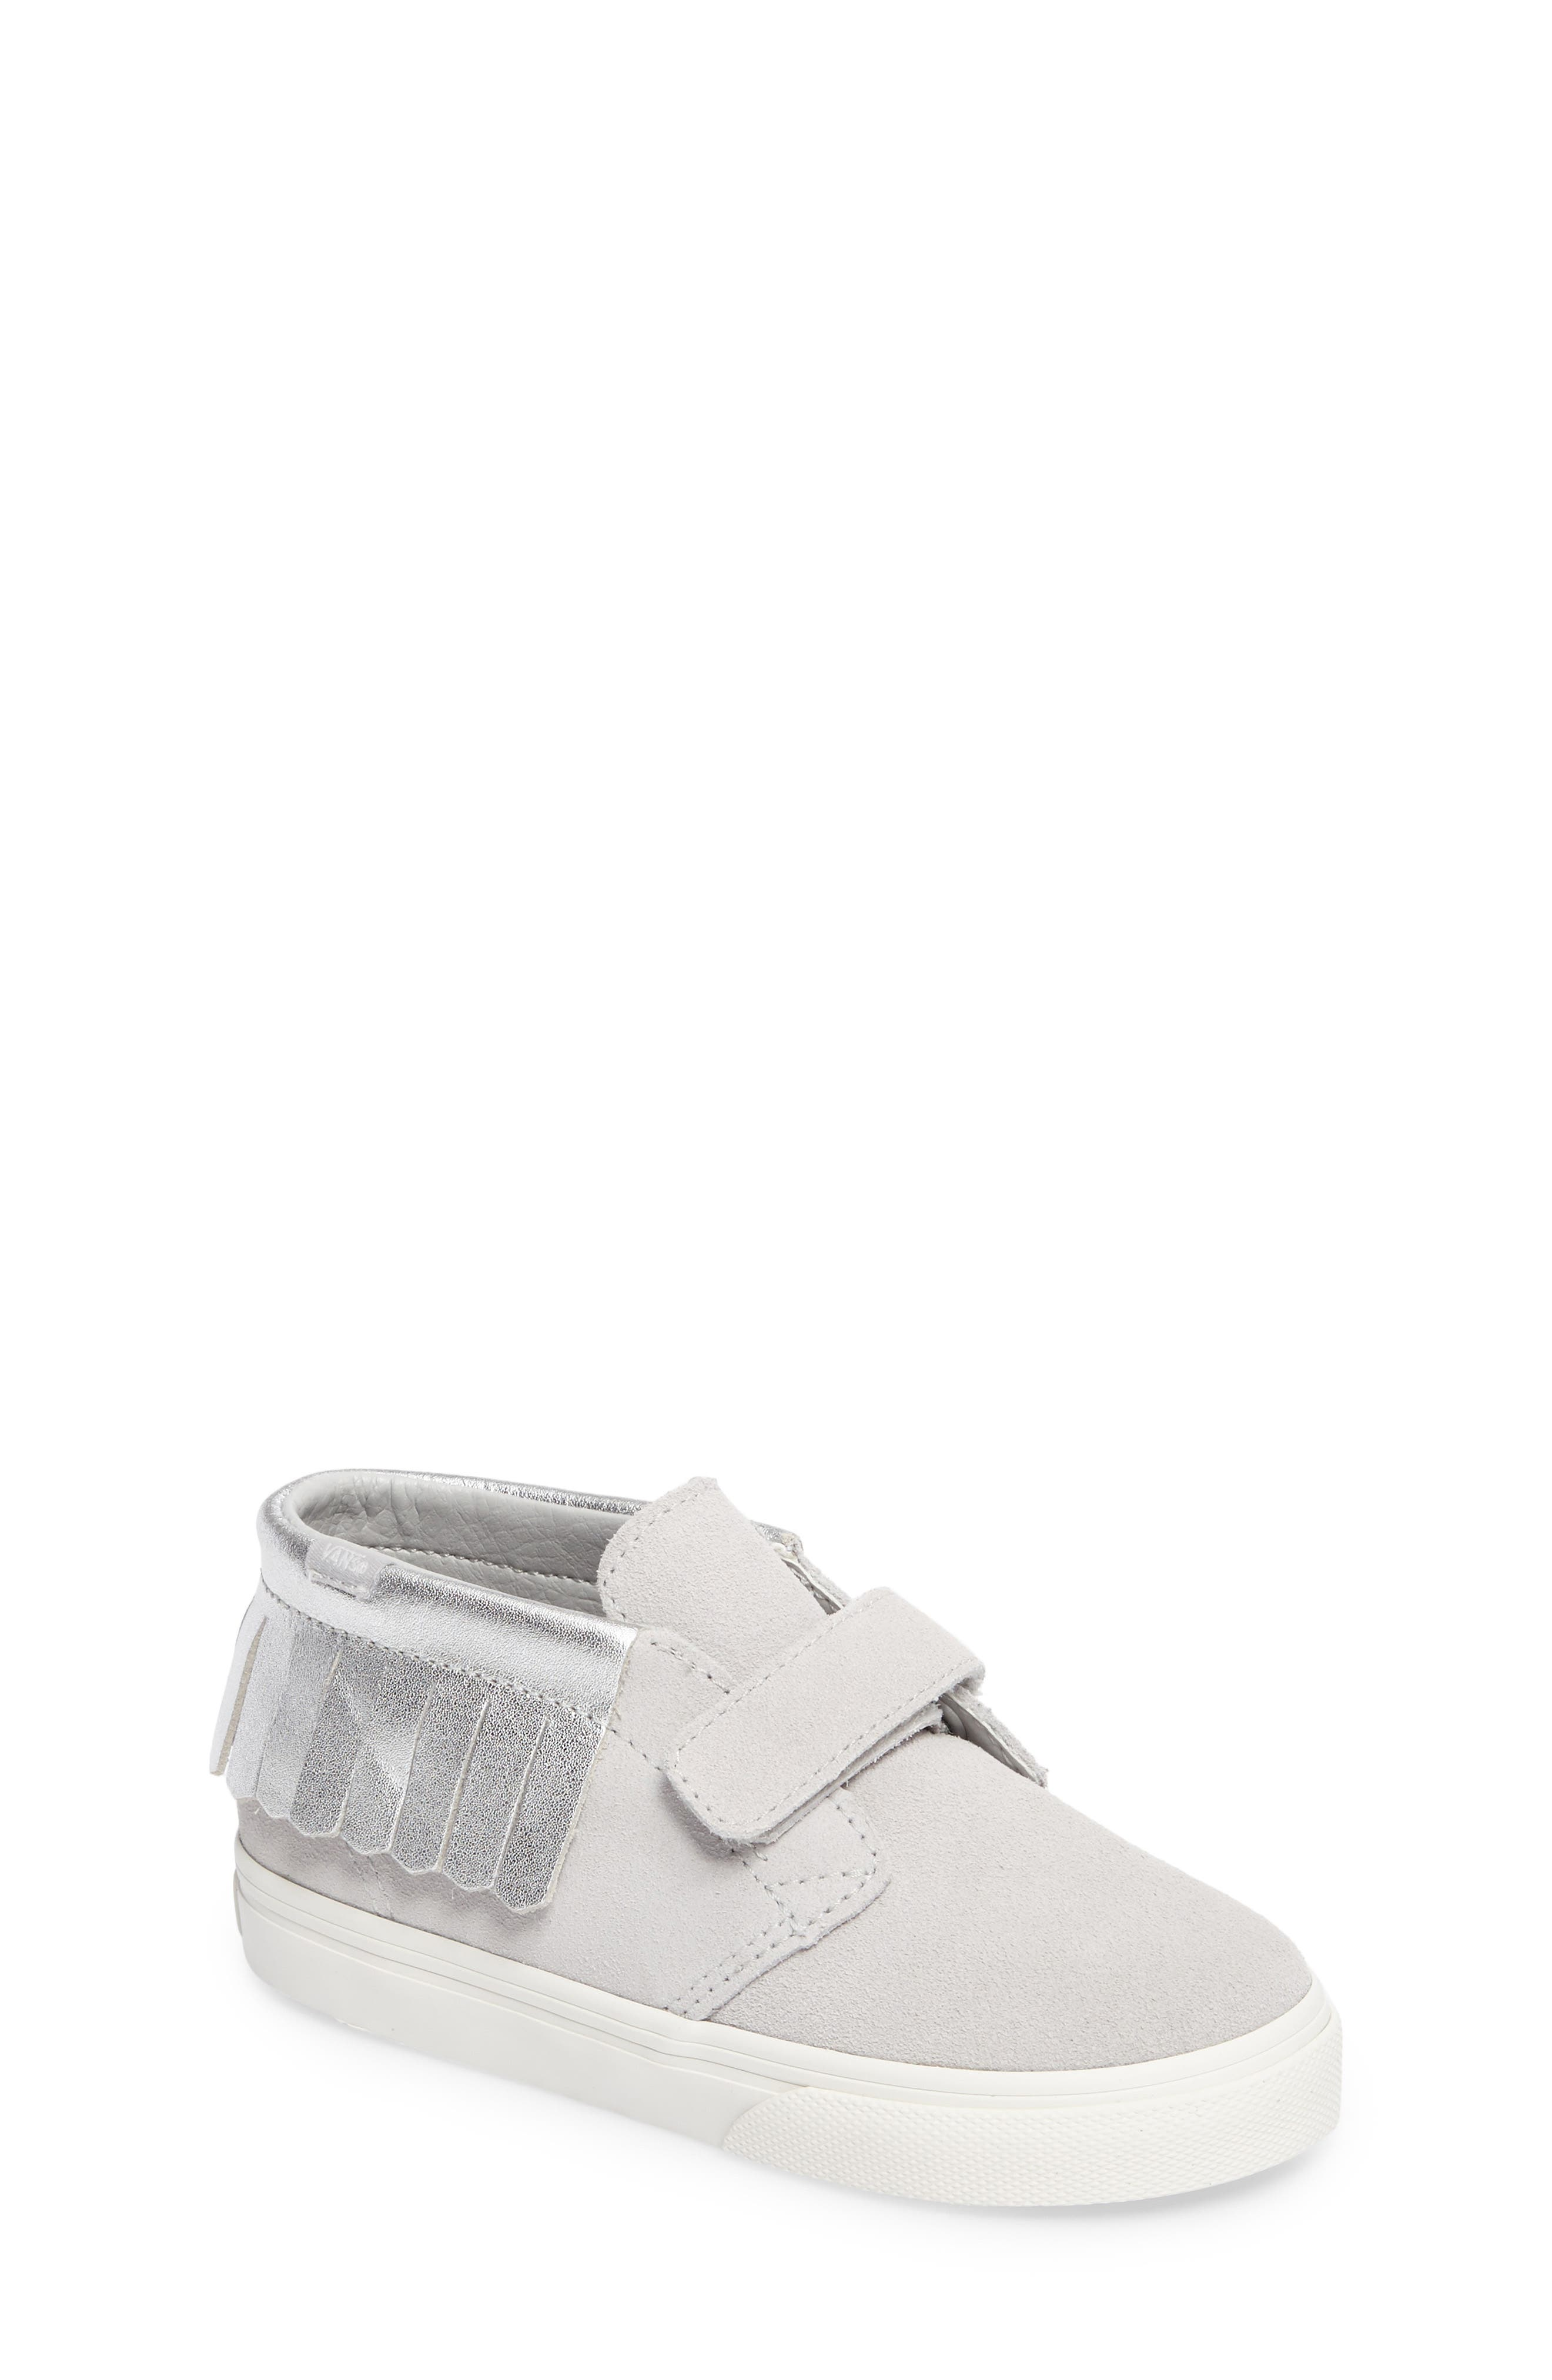 Vans Chukka V Moc Sneaker (Baby, Walker & Toddler)